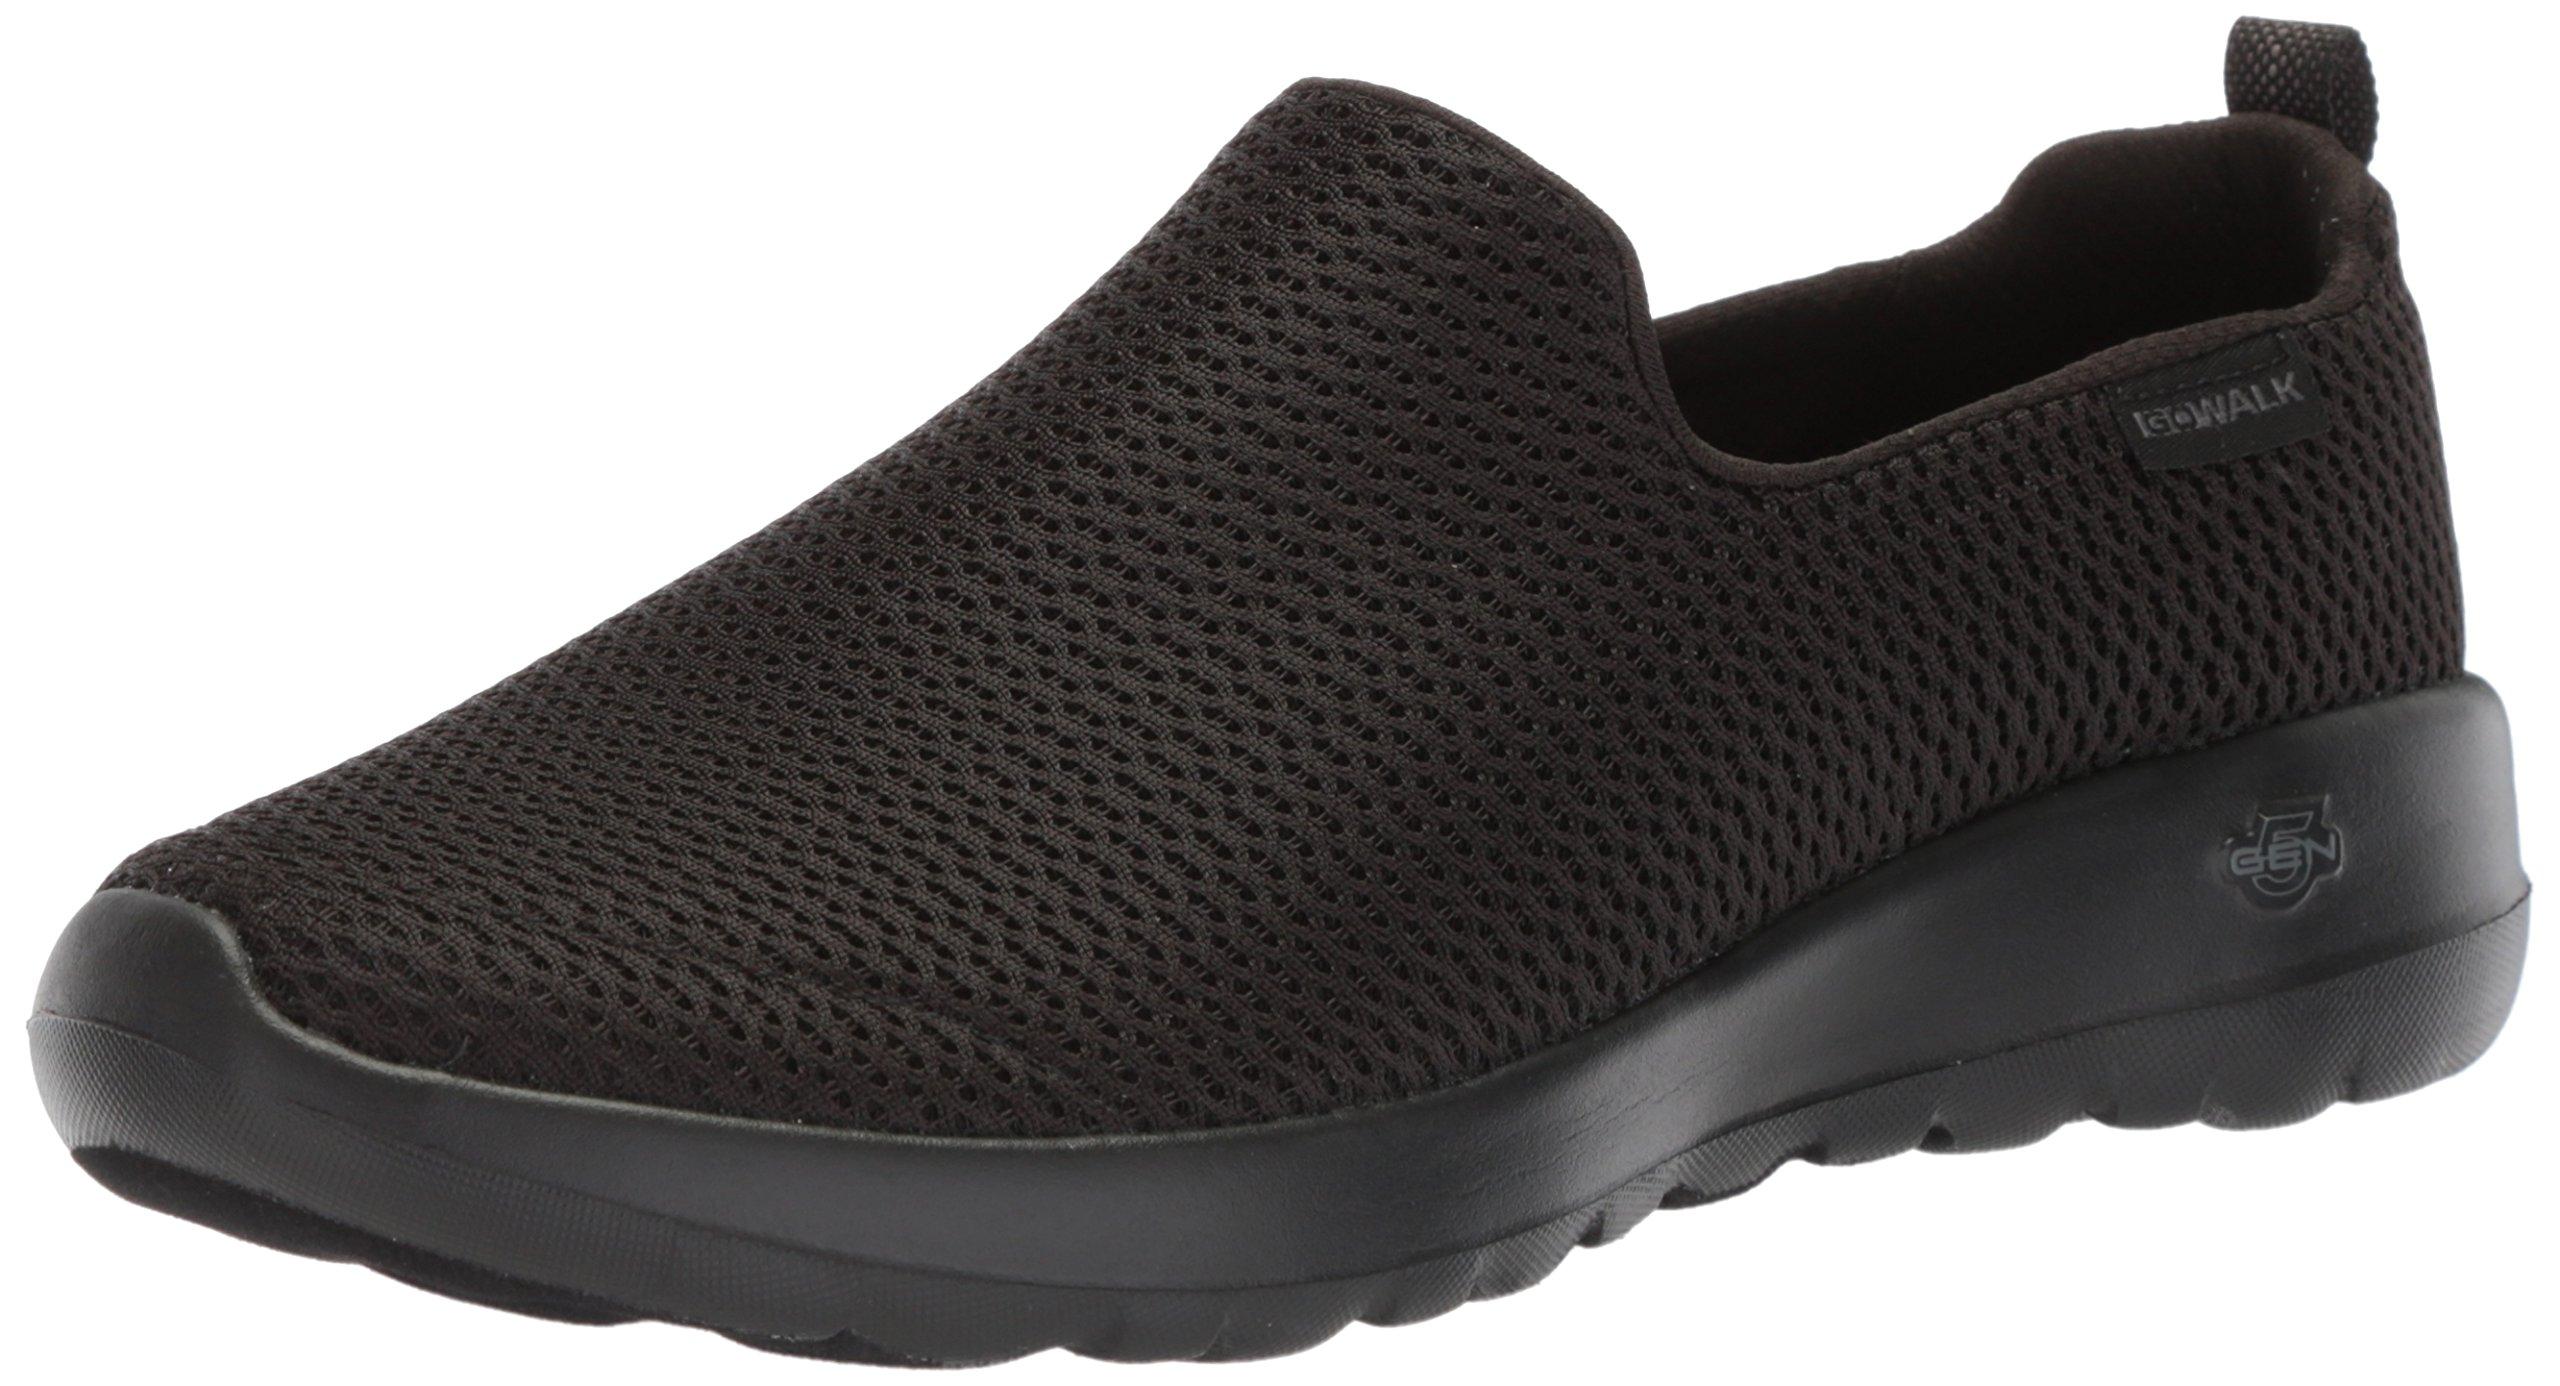 Skechers Performance Women's Go Walk Joy Walking Shoe,black,9.5 W US by Skechers (Image #1)